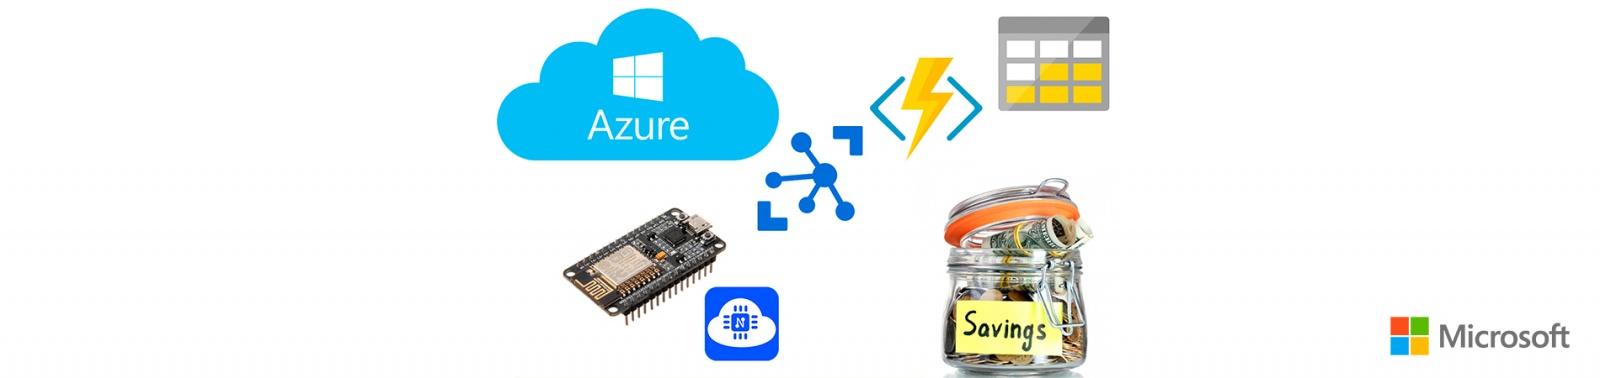 Прыжок в облако. Строим бюджетное решение для интернета вещей на NodeMCU + Azure IoT Hub - 1